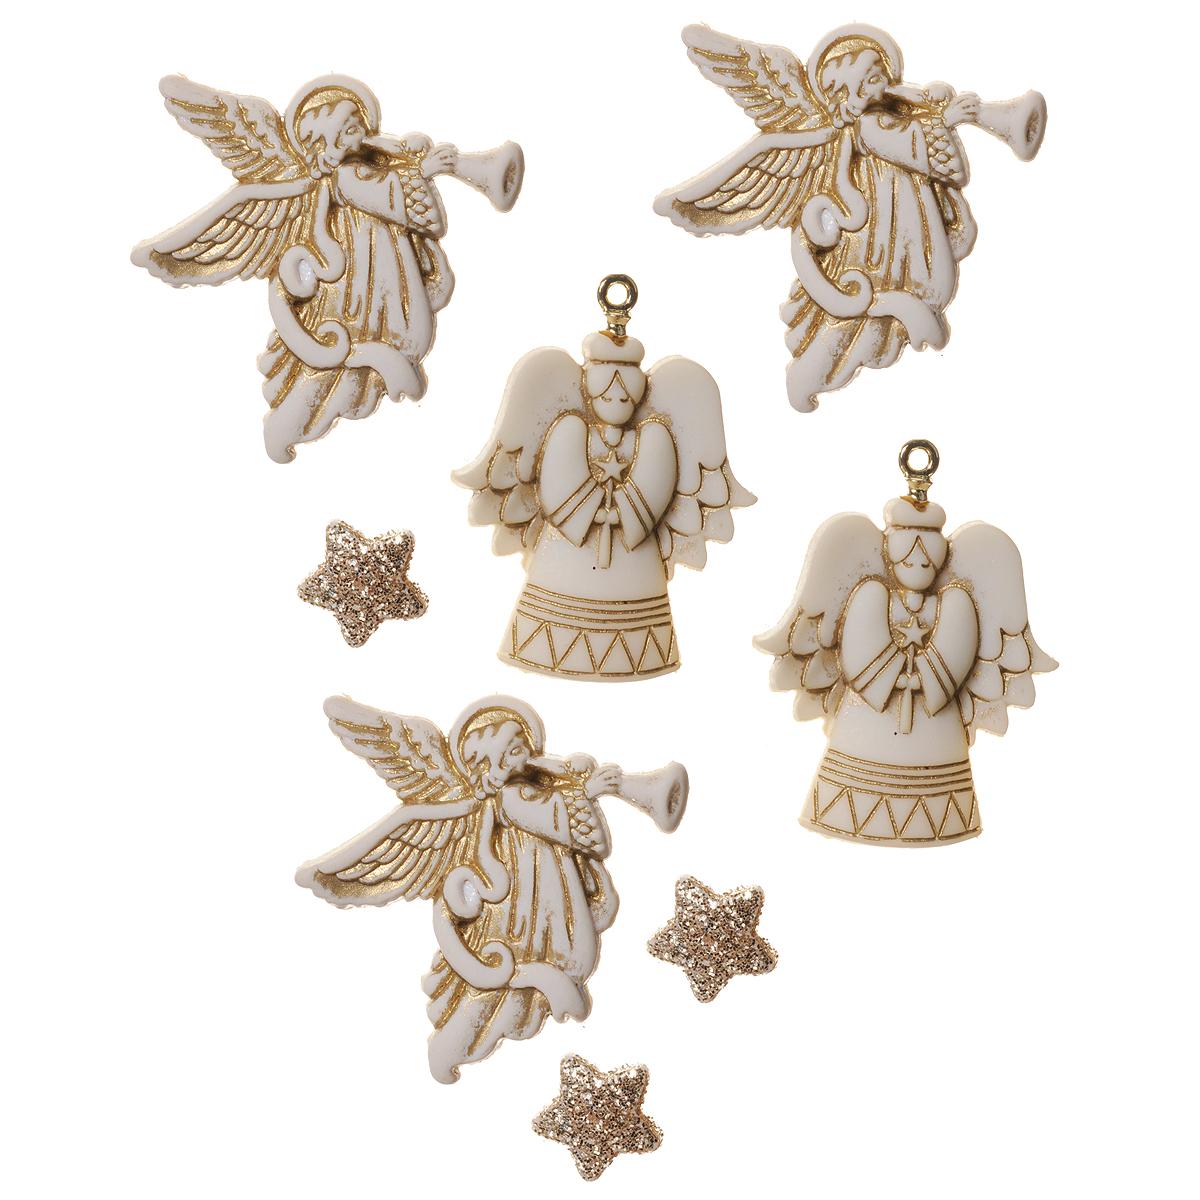 Набор пуговиц и фигурок Dress It Up Ангелы, 8 шт. 77024507702450Набор Dress It Up Ангелы состоит из 8 декоративных пуговиц и фигурок, выполненных из пластика в форме ангелов и звезд. Звезды покрыты блестками. Такие пуговицы и фигурки подходят для любых видов творчества: скрапбукинга, декорирования, шитья, изготовления кукол, а также для оформления одежды. С их помощью вы сможете украсить открытку, фотографию, альбом, подарок и другие предметы ручной работы. Пуговицы и фигурки разных цветов имеют оригинальный и яркий дизайн.